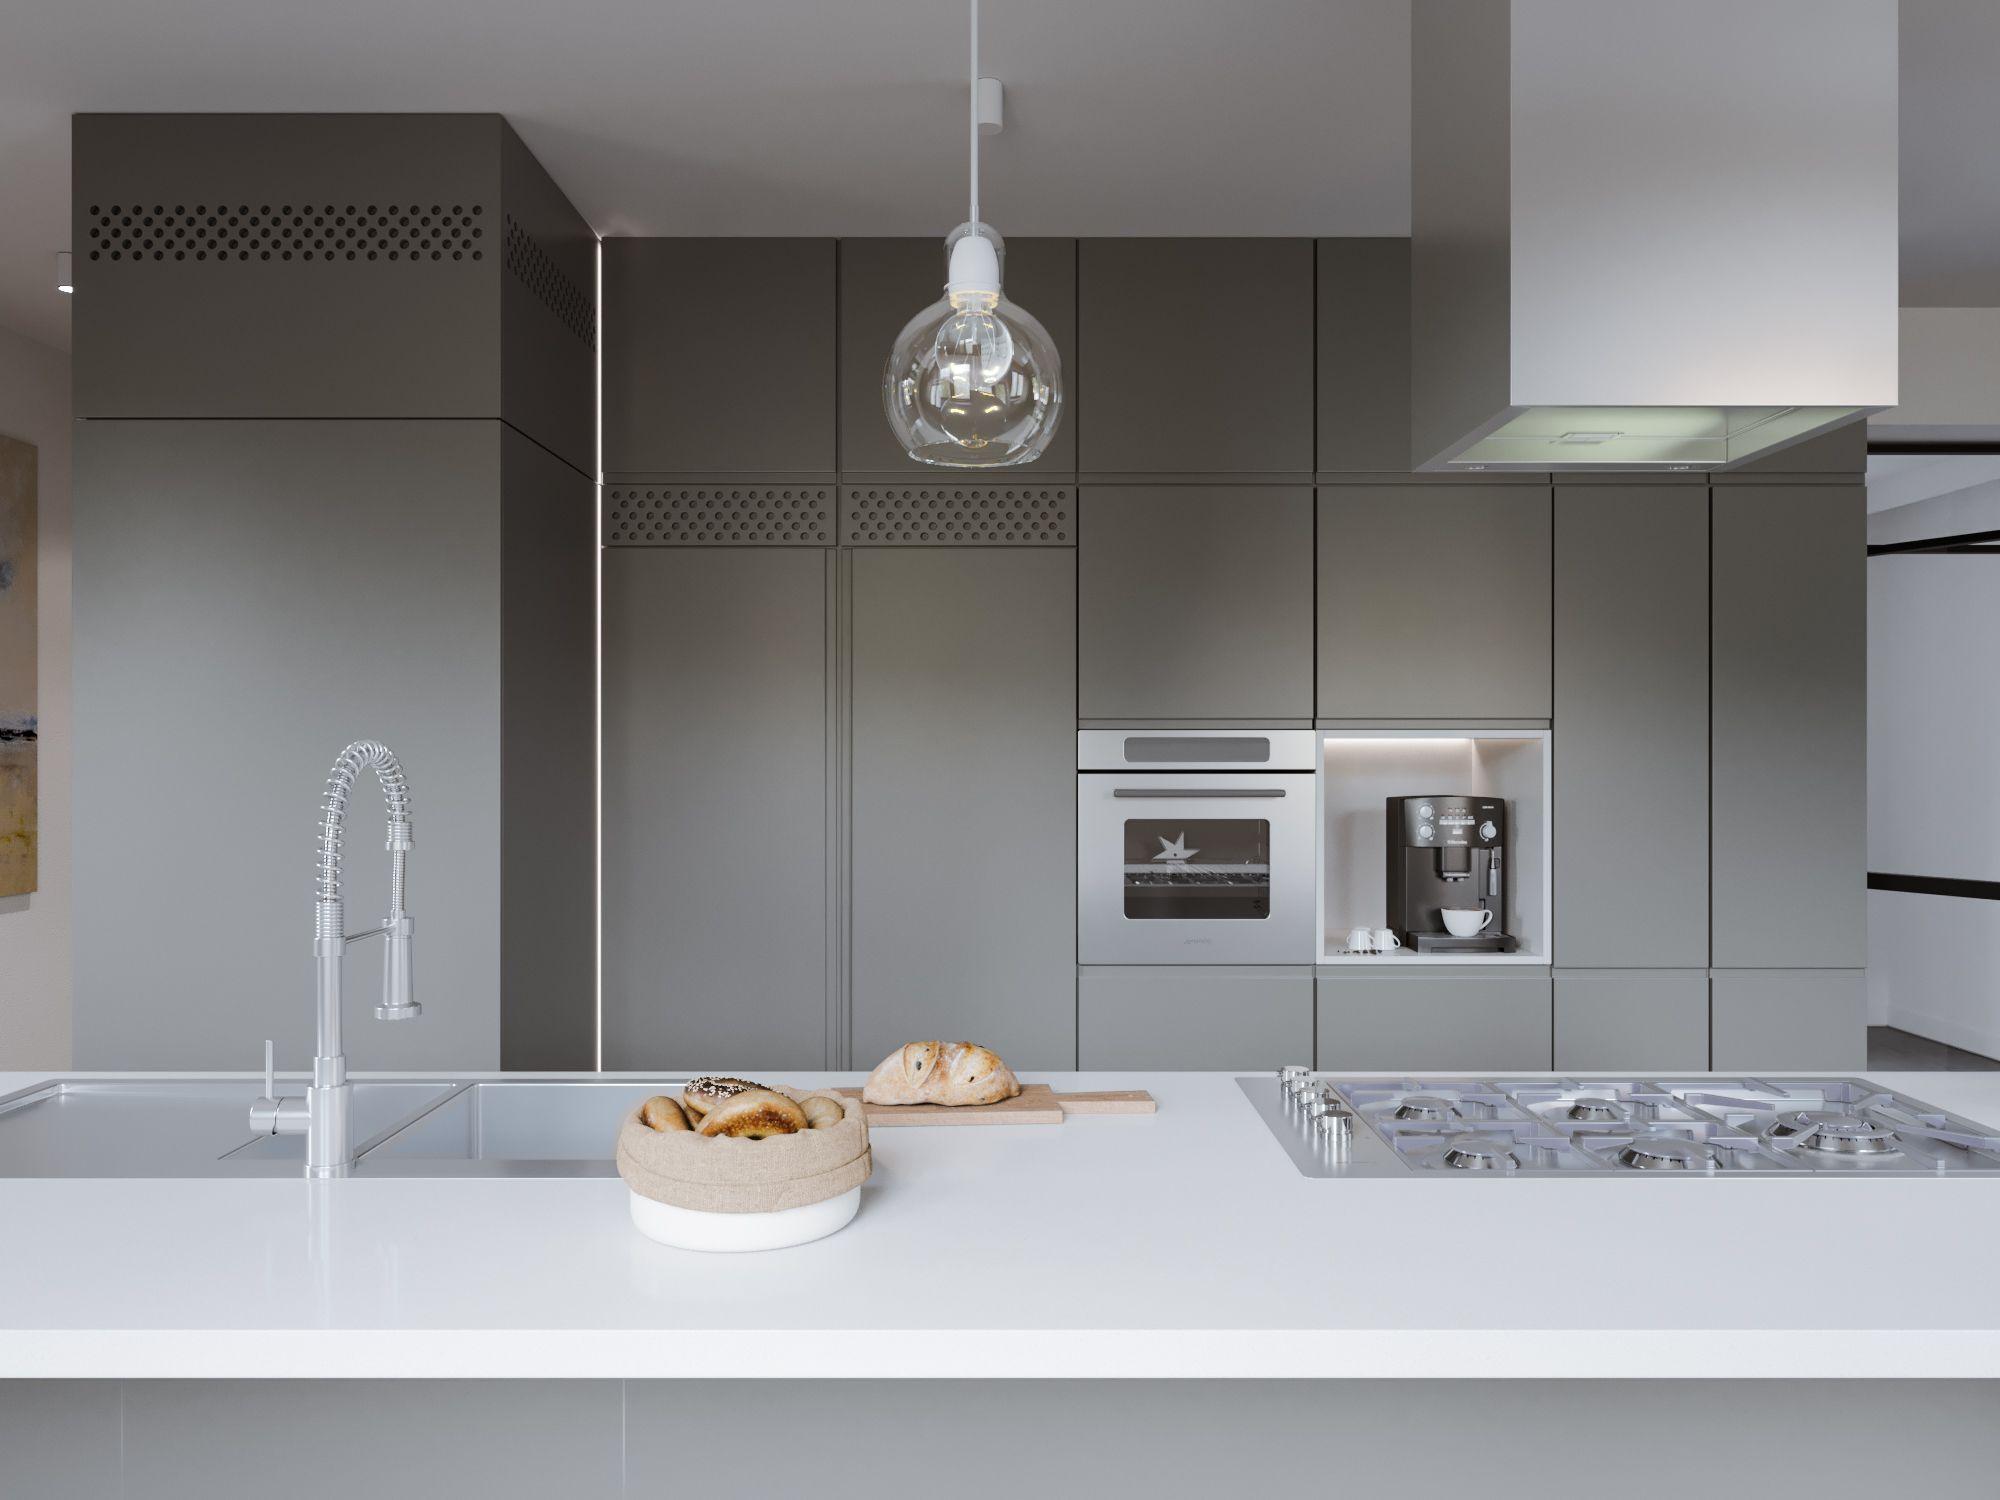 Tolle Gewölbte Deckenbeleuchtung Küche Galerie - Ideen Für Die Küche ...